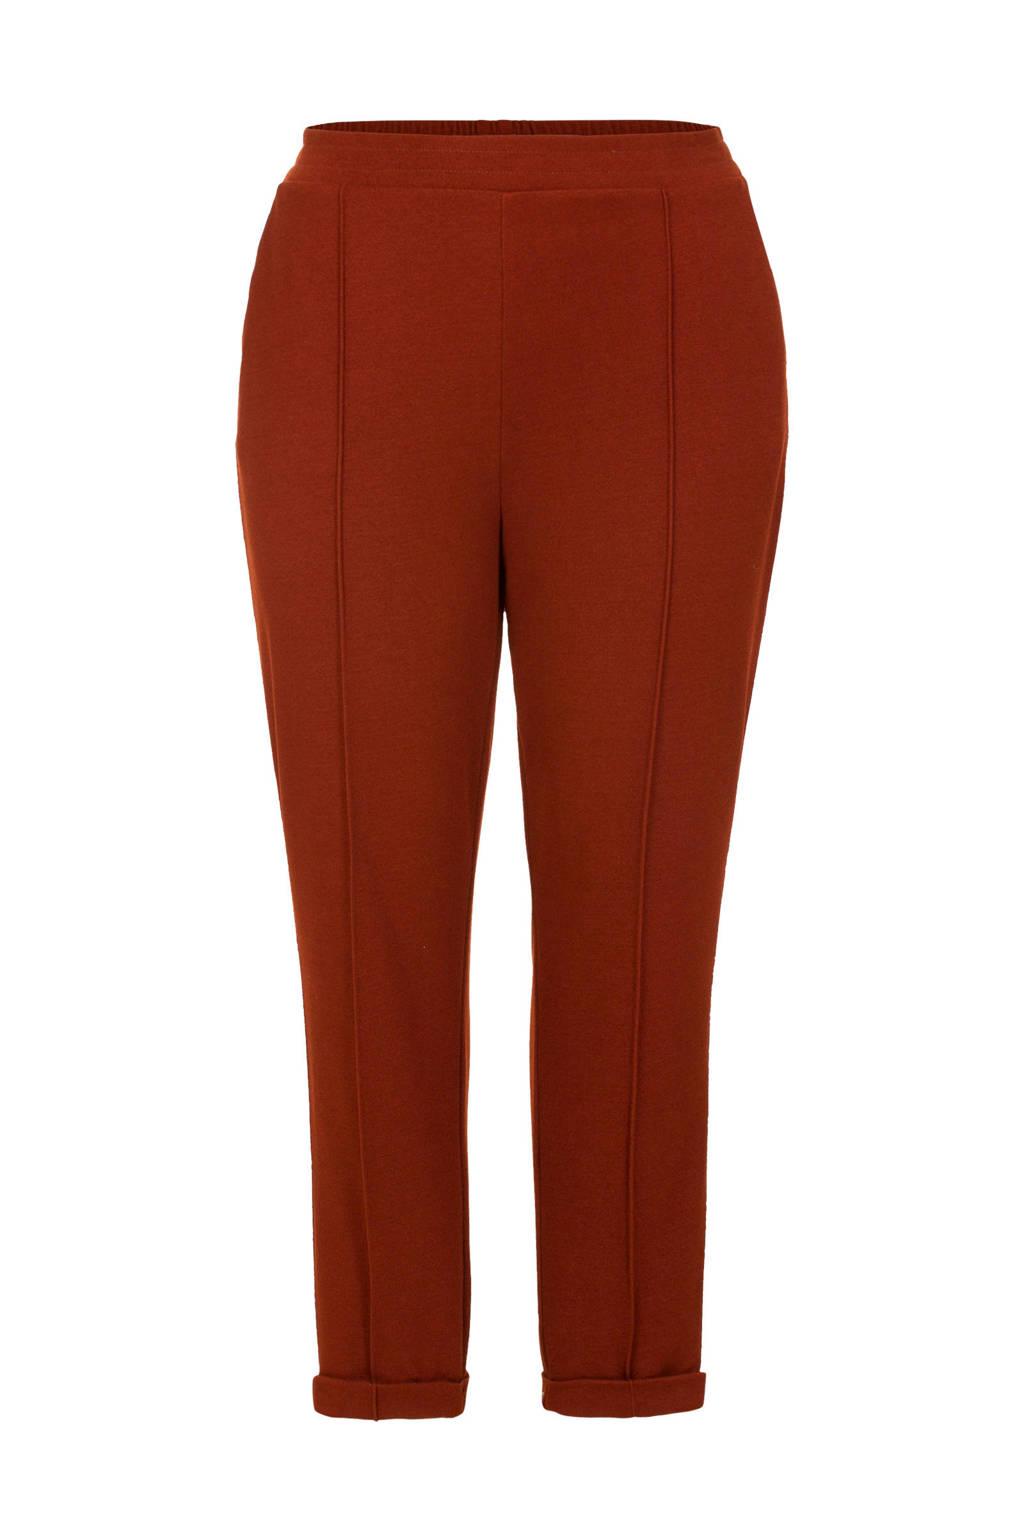 Miss Etam Plus slim fit broek met zijstreep bruin, Bruin